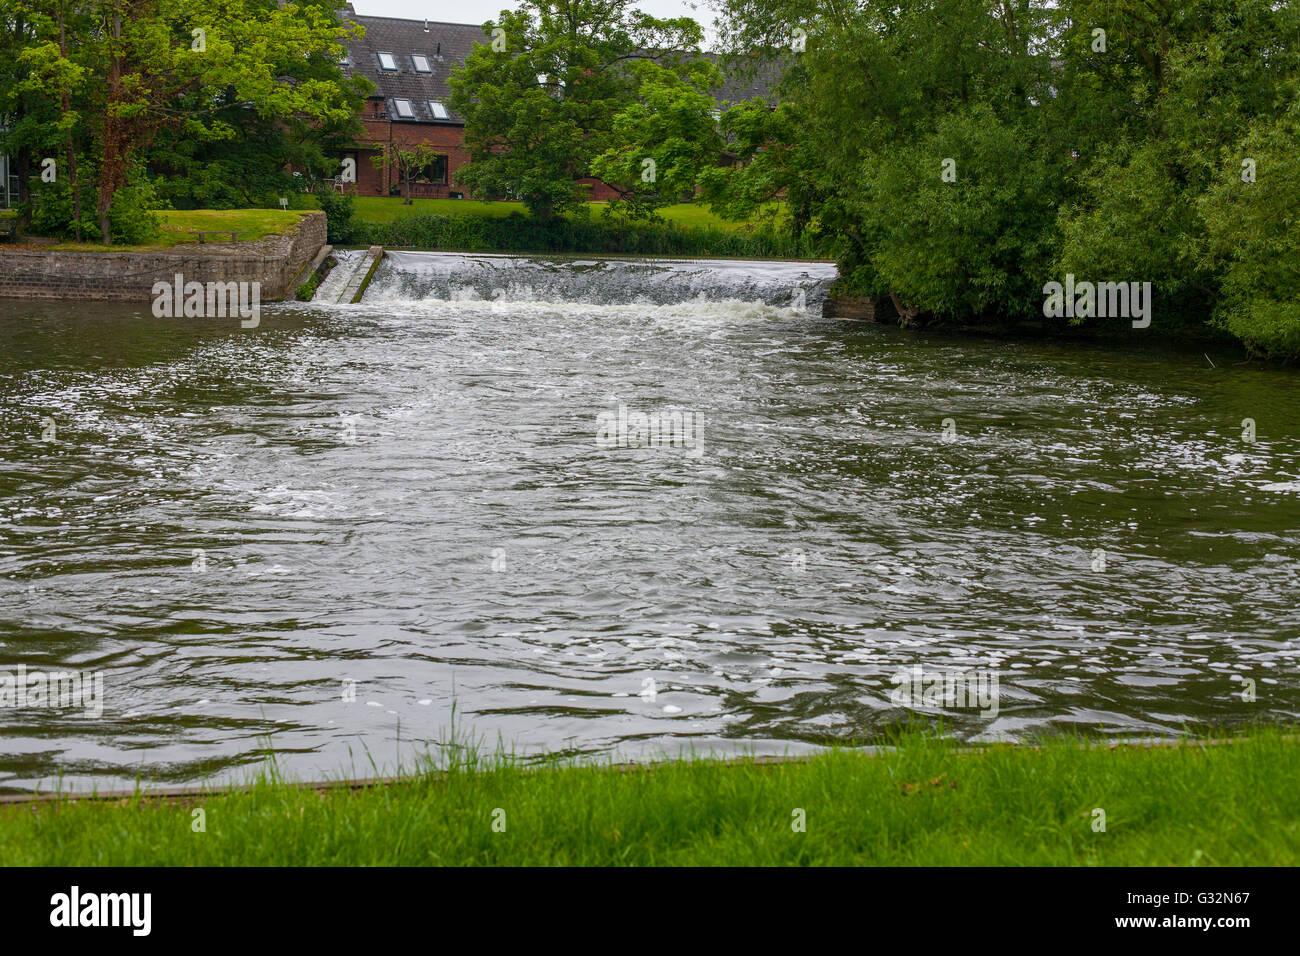 Fluss Avon wehr bei Stratford-upon-Avon, Warwickshire Stockbild